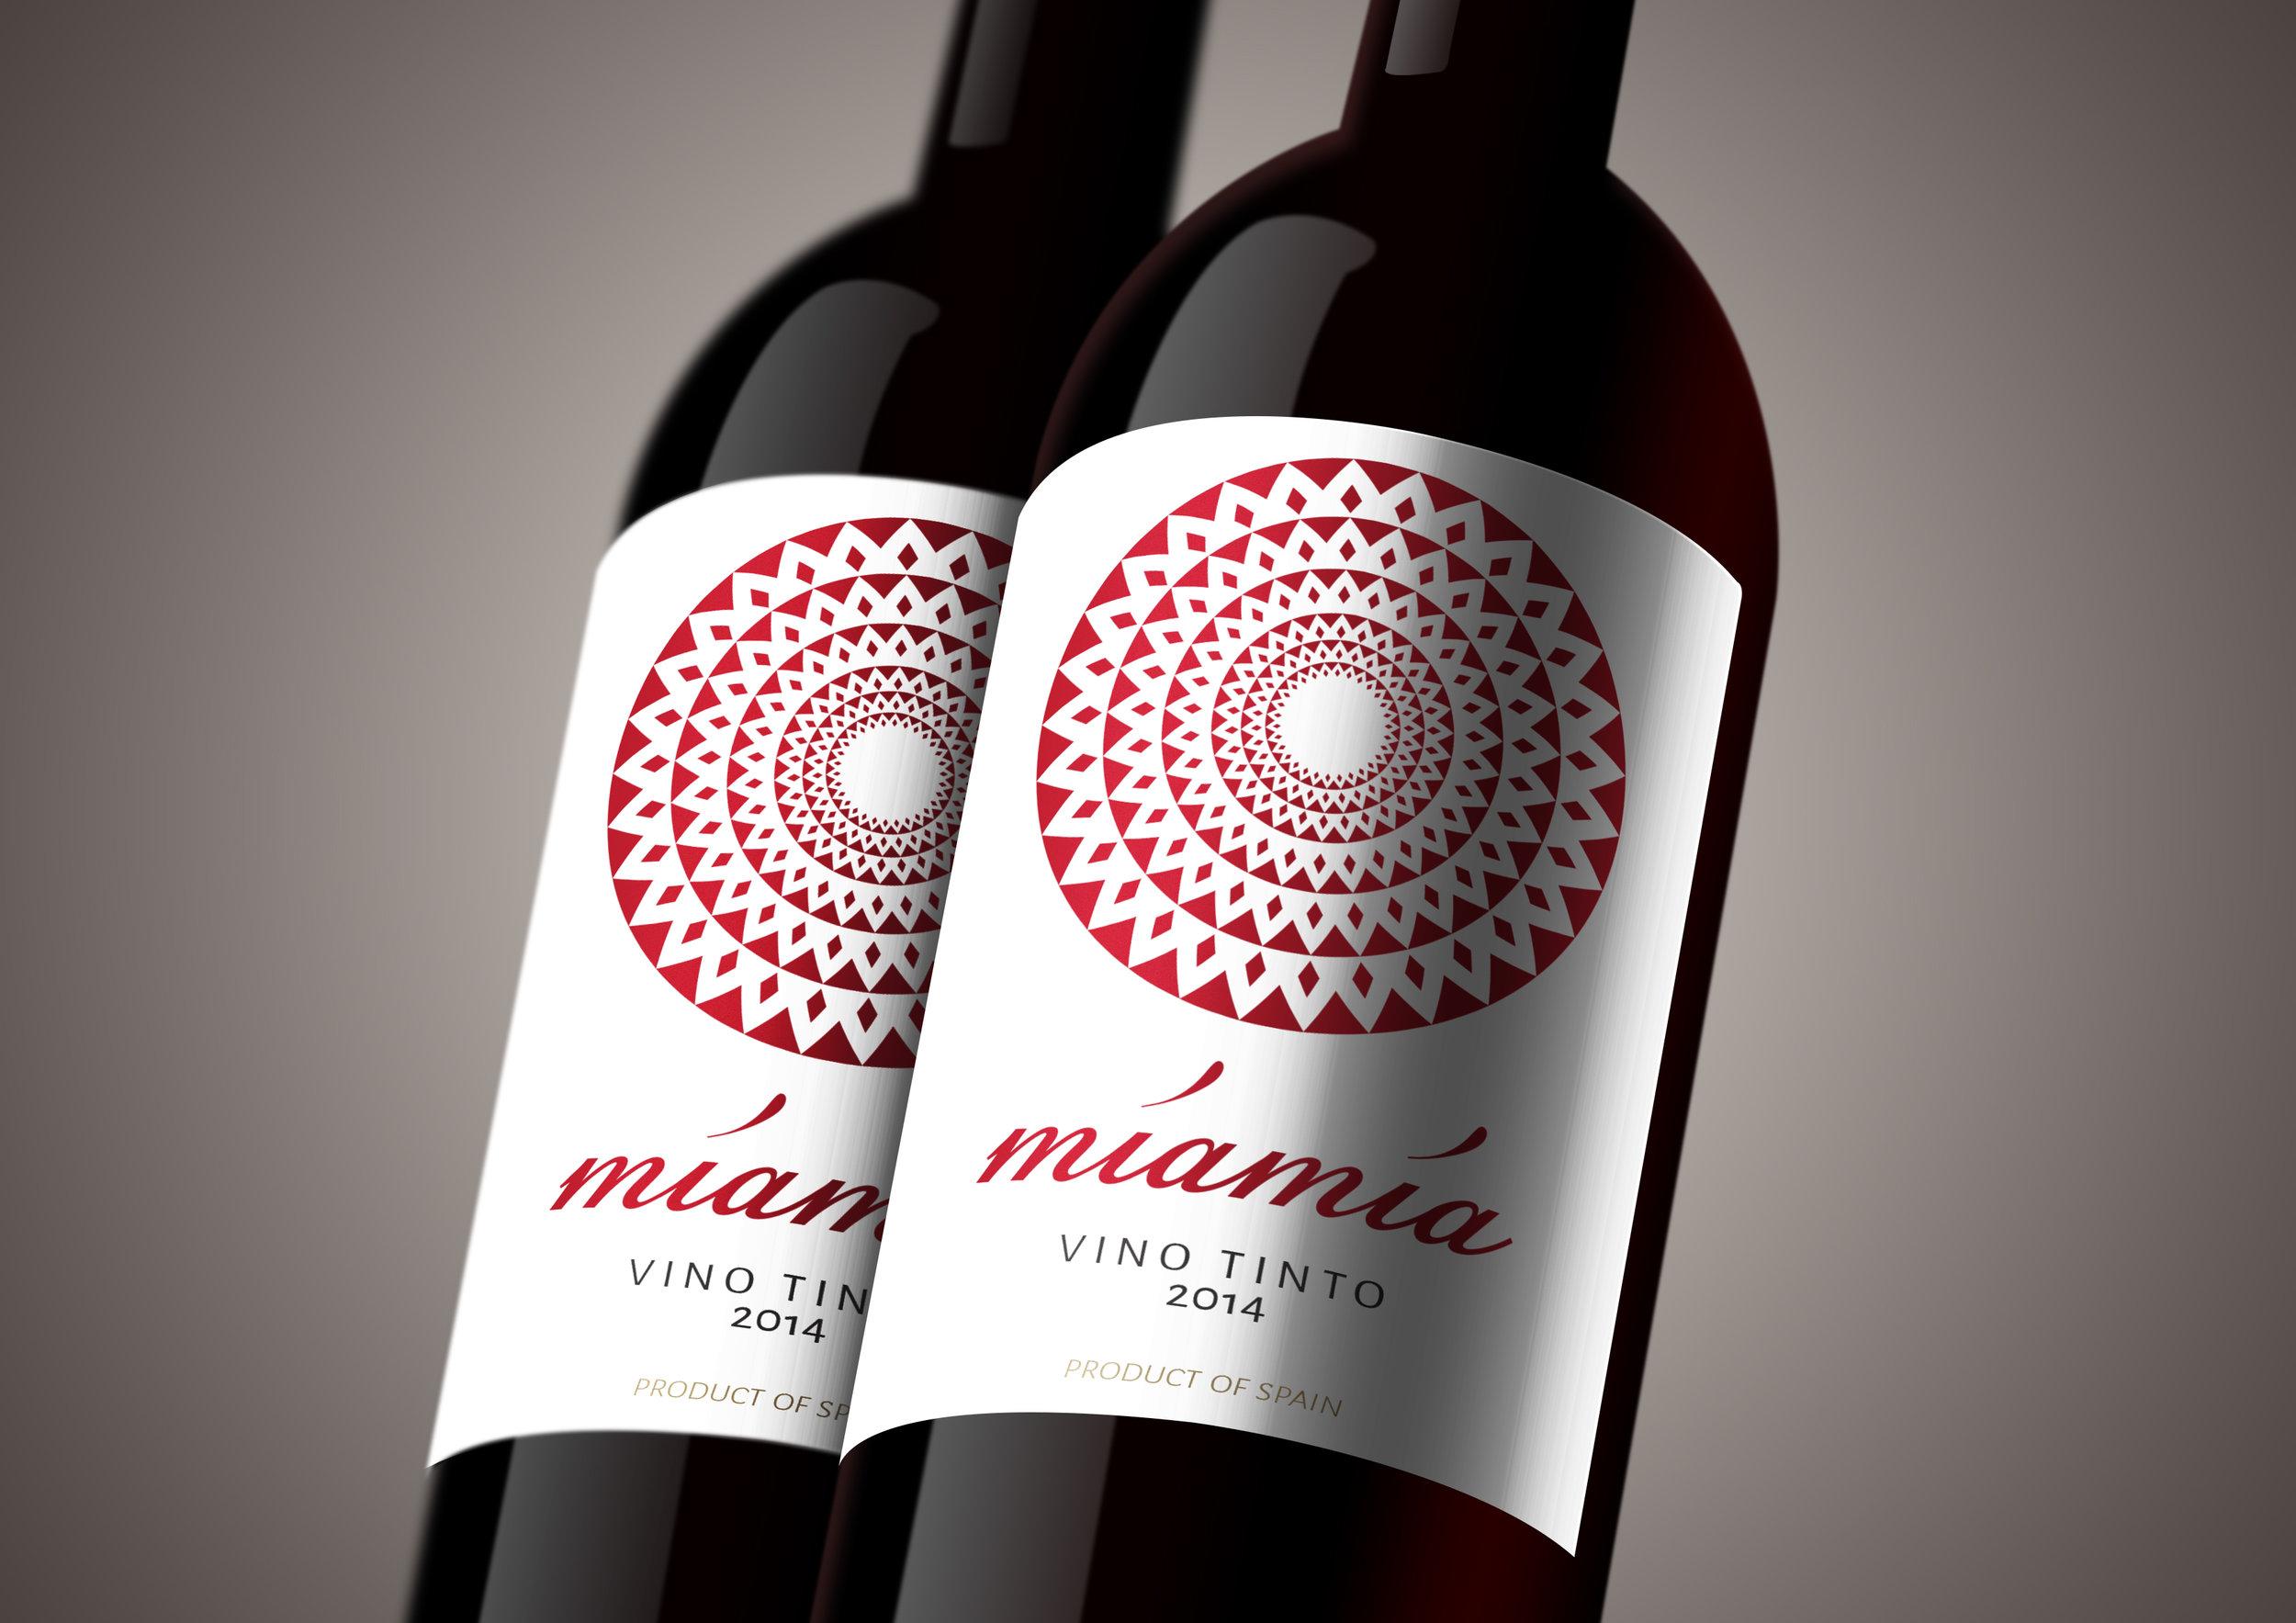 Miamia 2 bottle shot.jpg